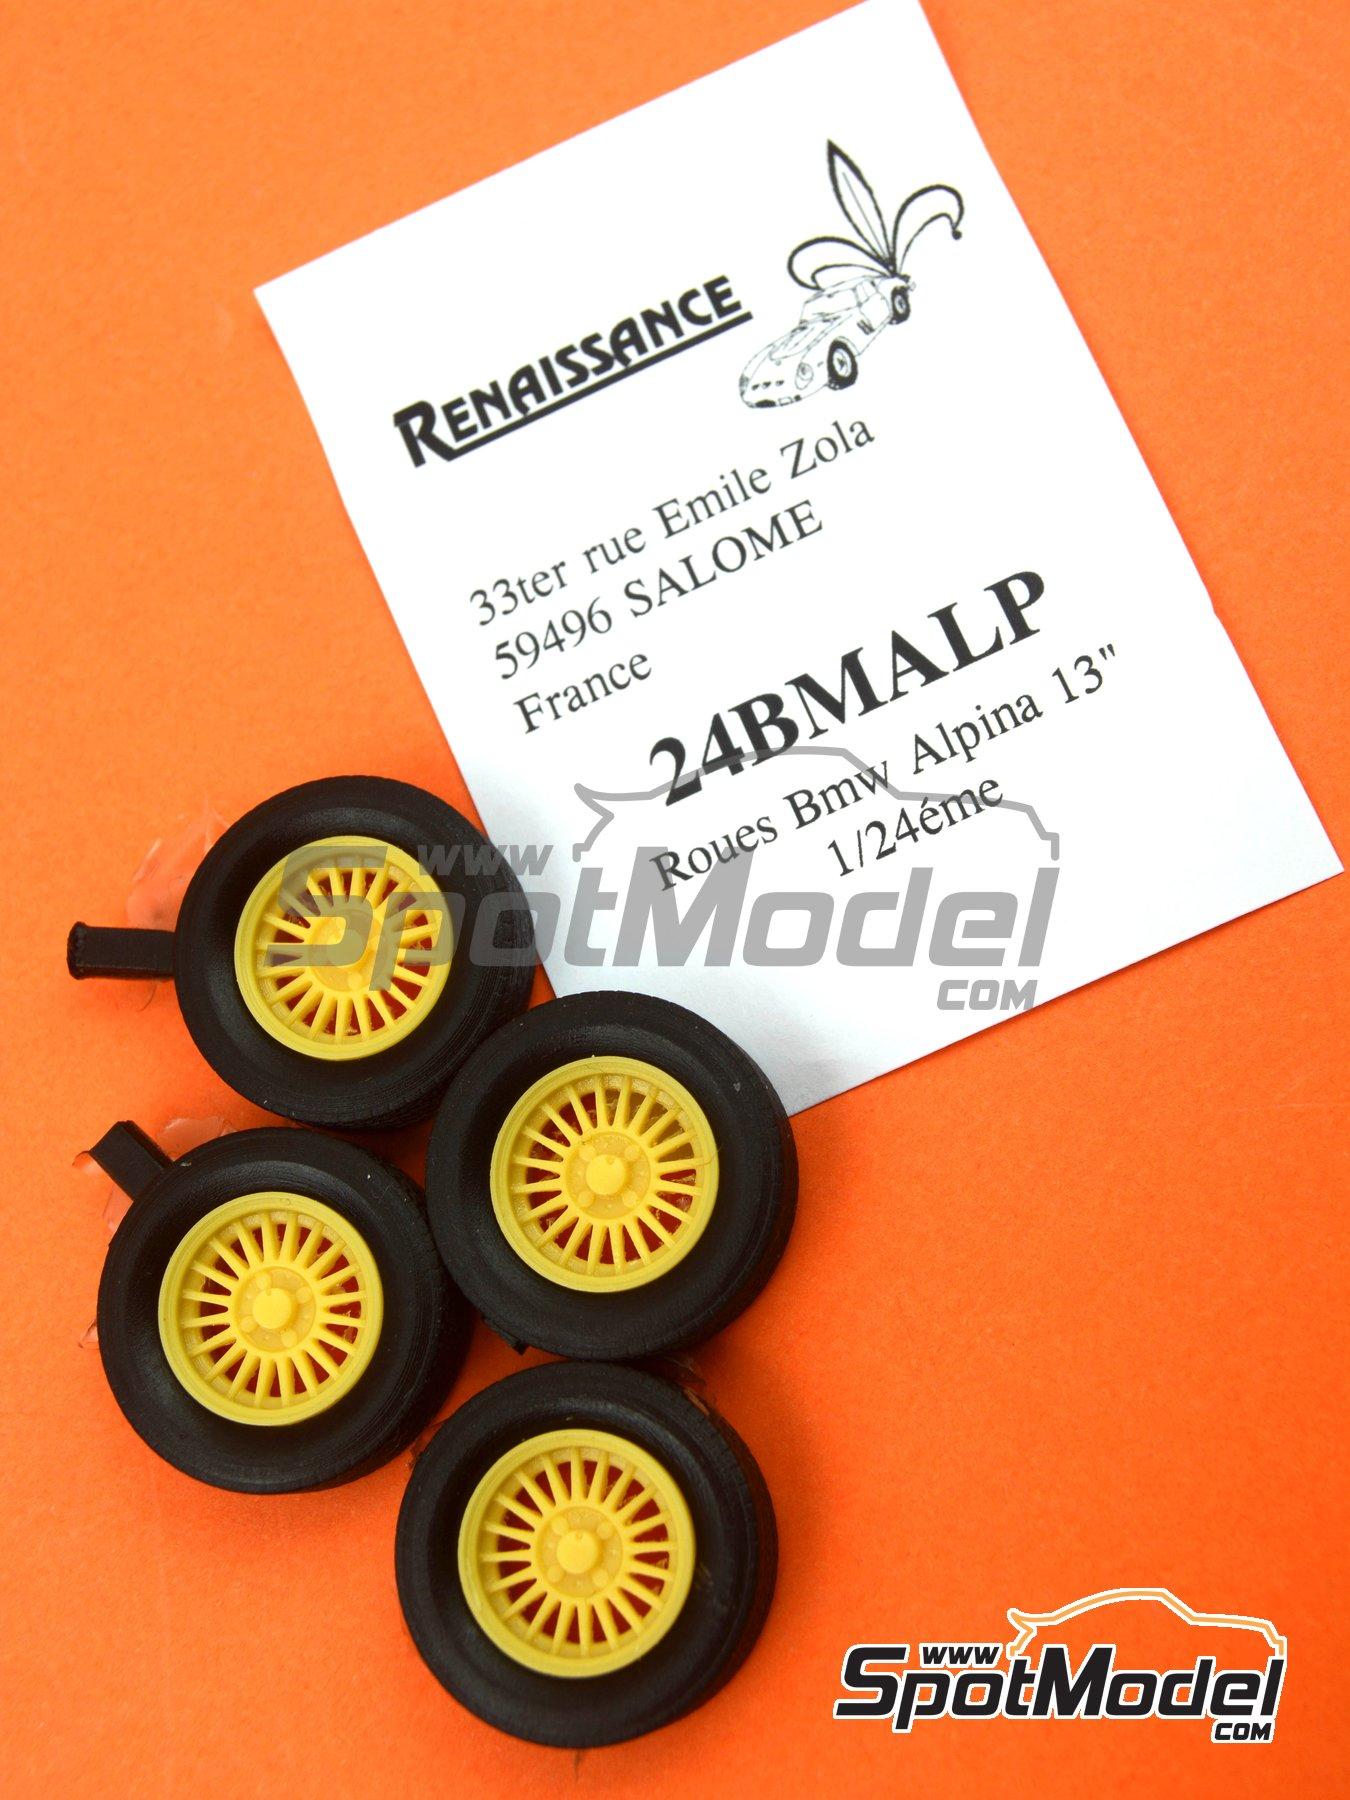 Alpina 13 pulgadas 4 tuercas | Set de llantas y neumáticos en escala1/24 fabricado por Renaissance Models (ref.24BMALP) image